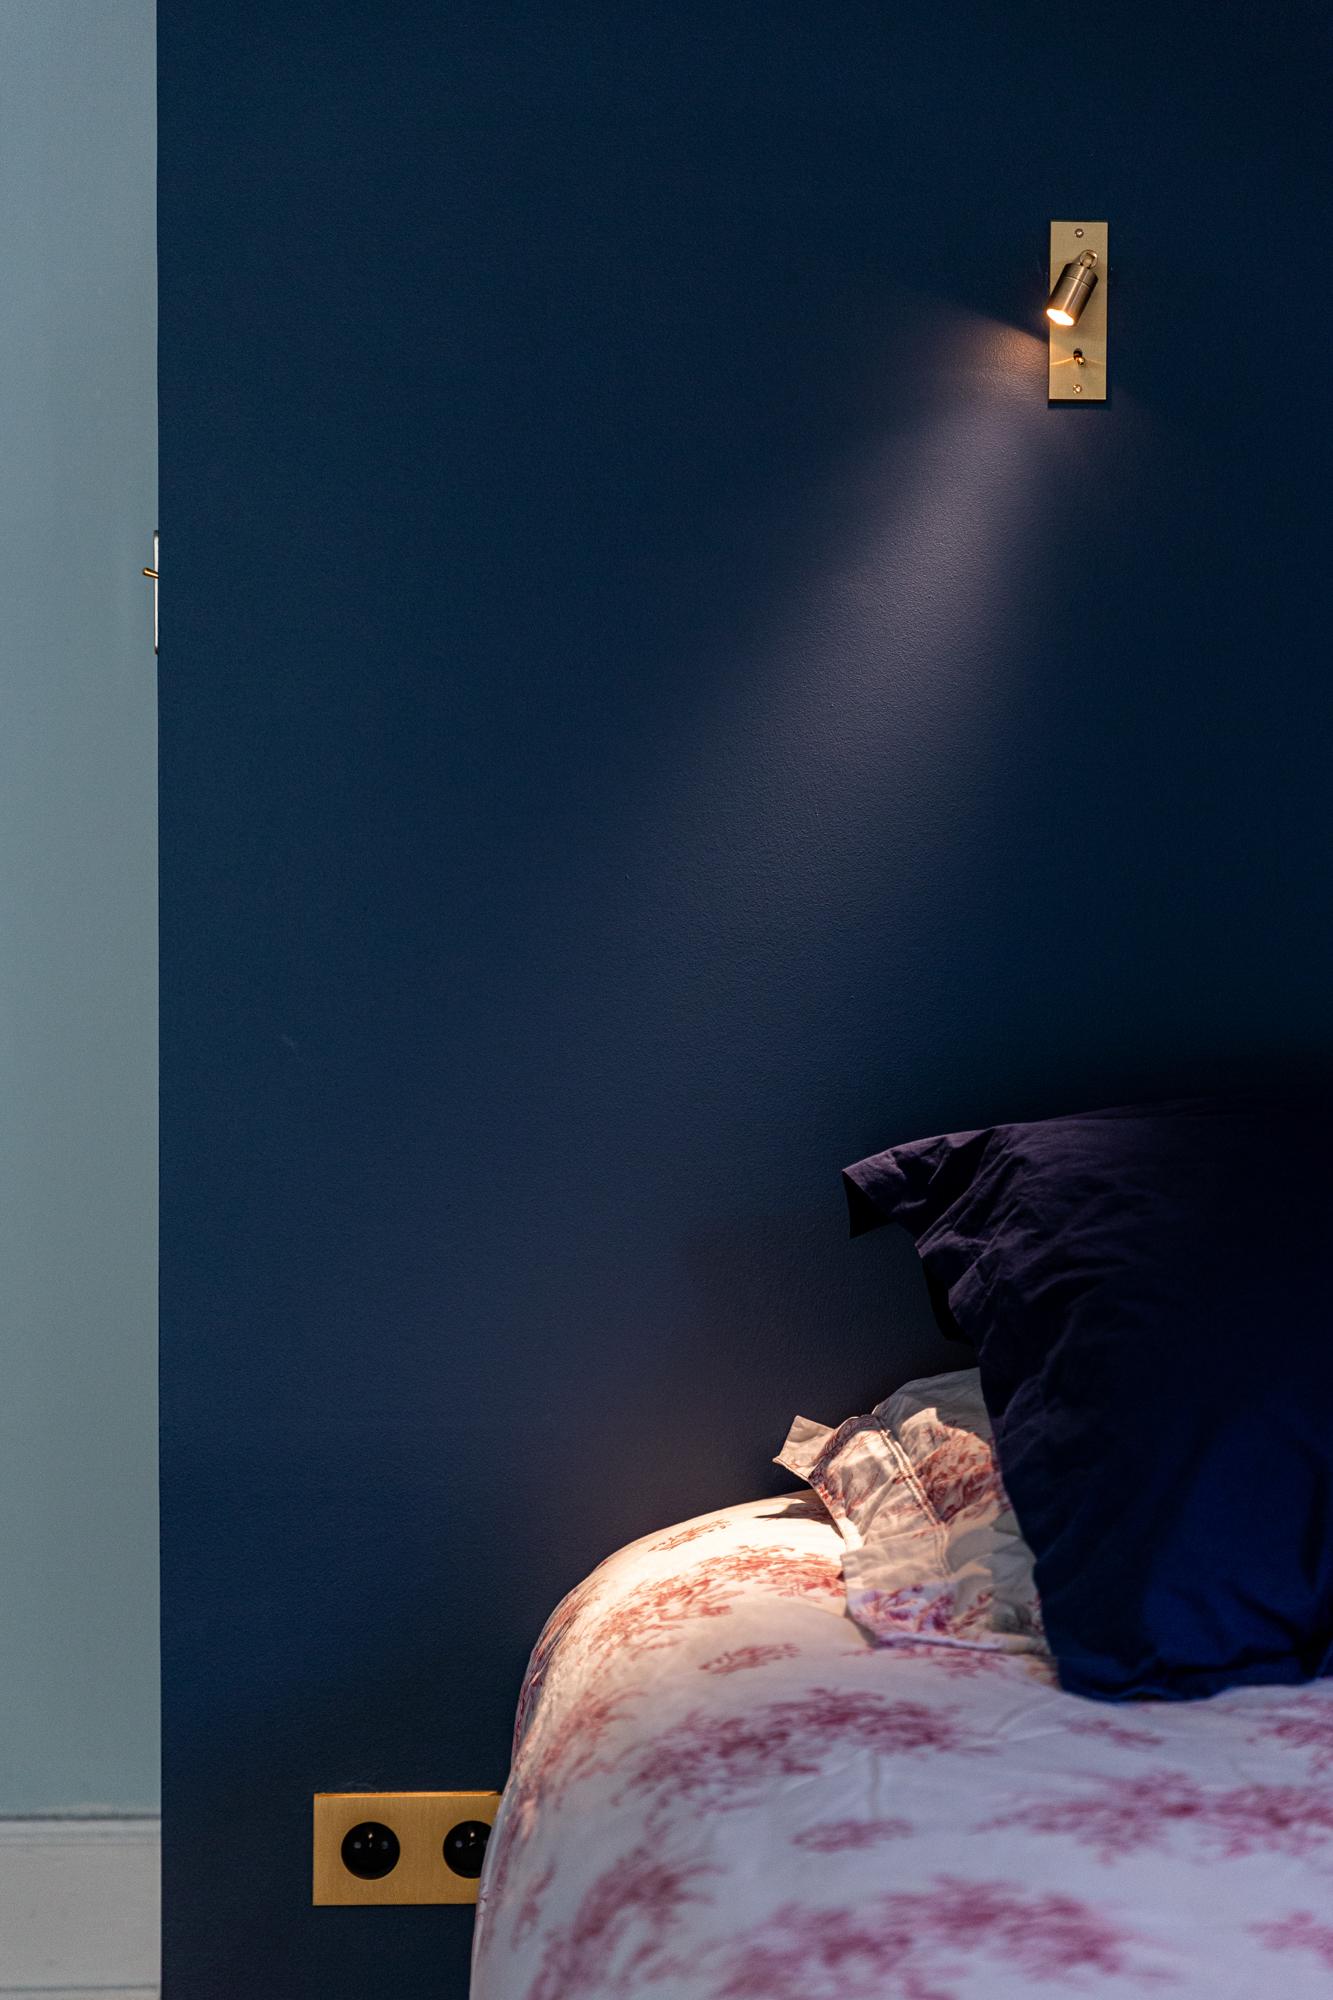 Un éclairage spot au dessus d'un lit - photographe architecture intérieur